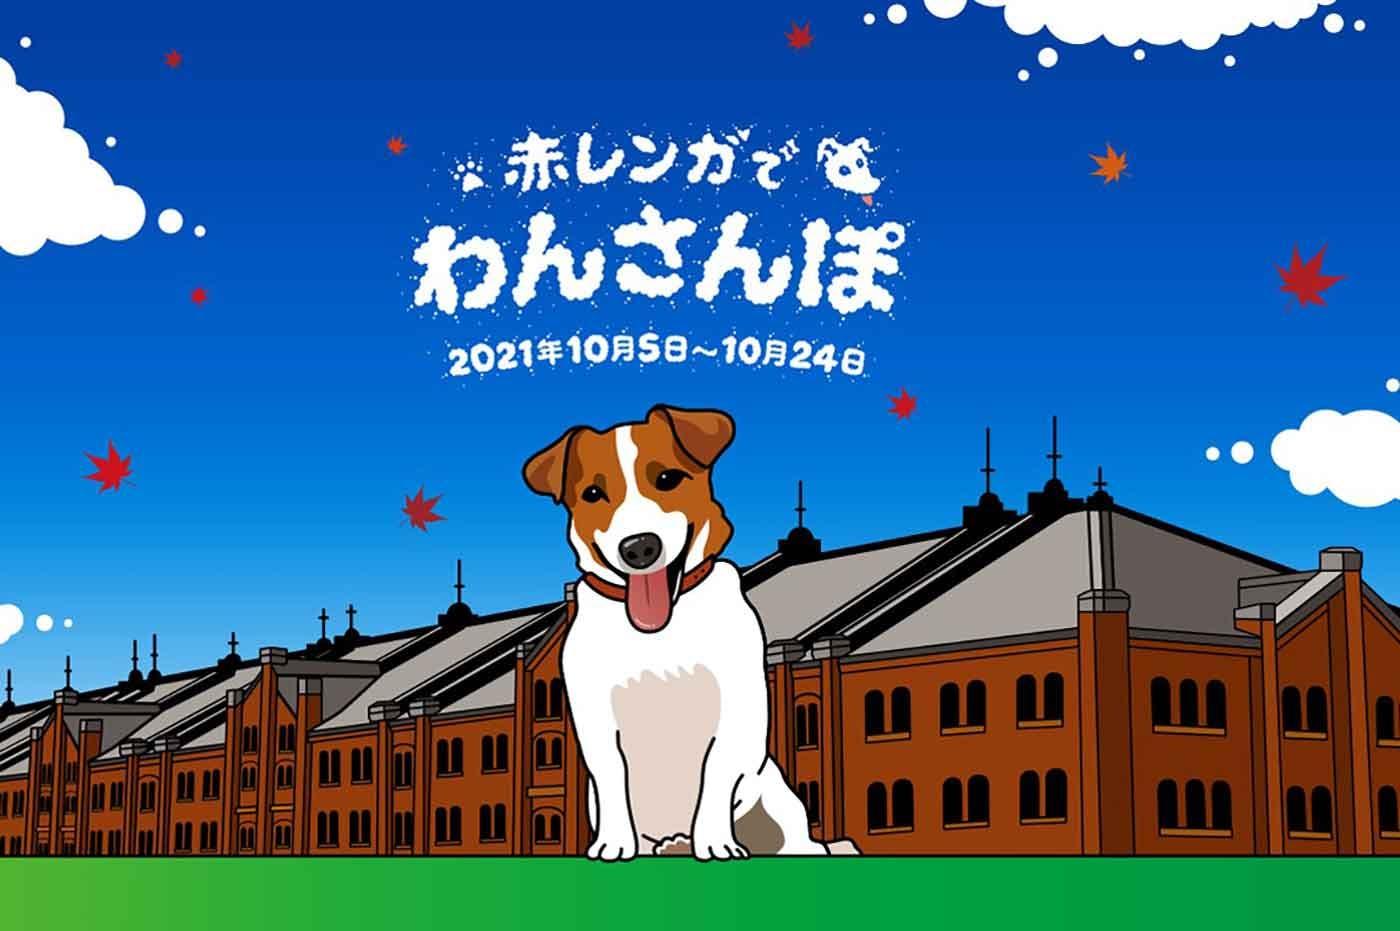 横浜赤レンガ倉庫にドッグイベントが帰ってきた!ドッグランやフォトスポットも登場する『赤レンガでわんさんぽ』開催